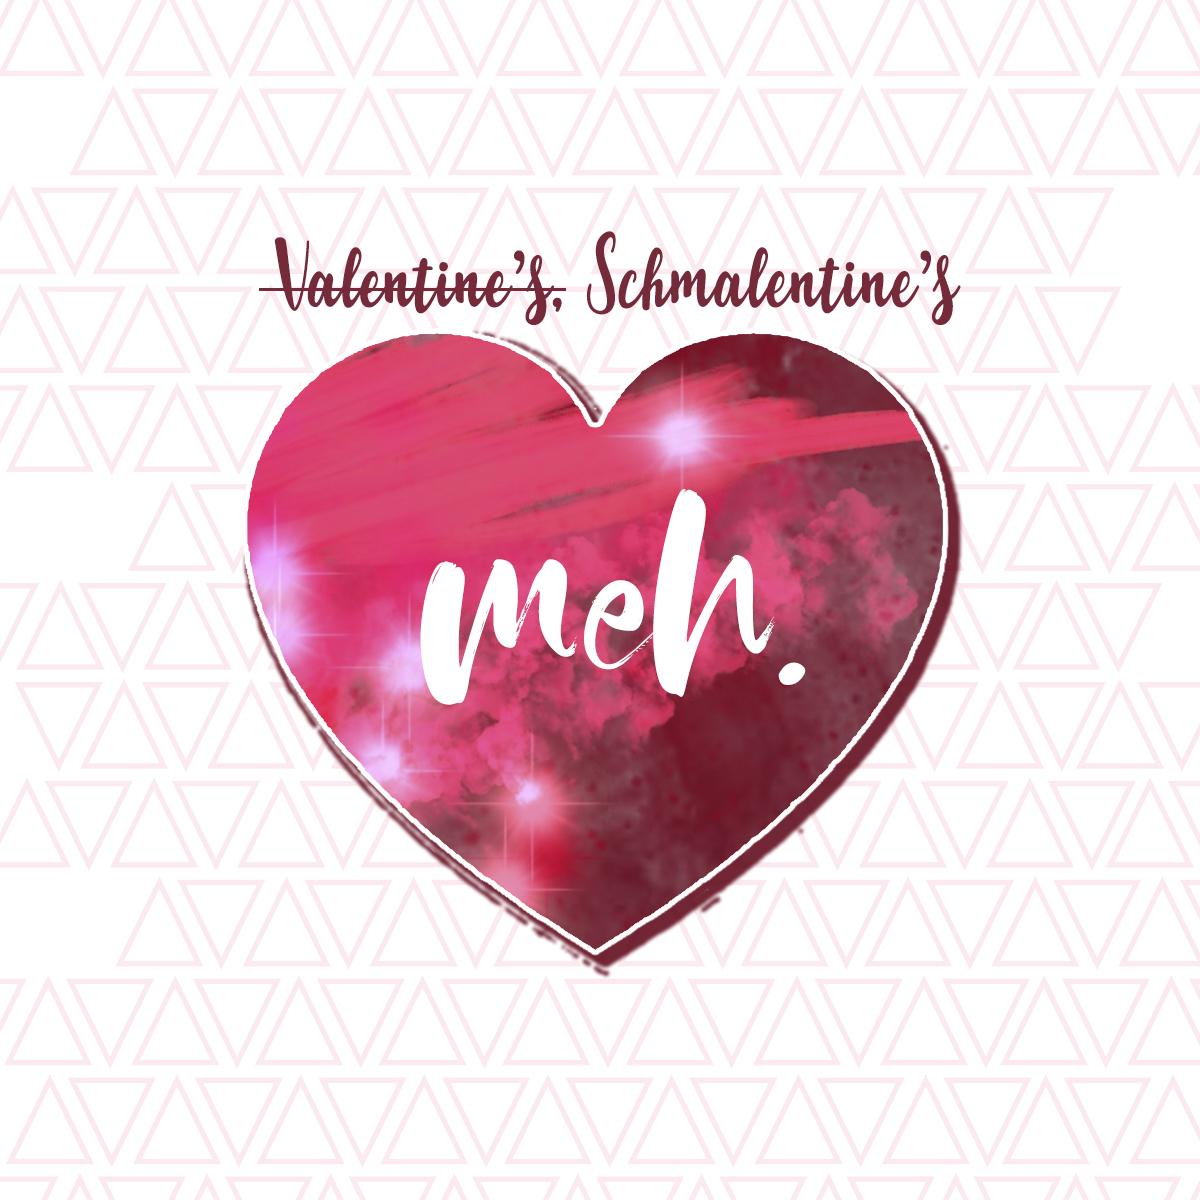 Valentine's Schmalentine's